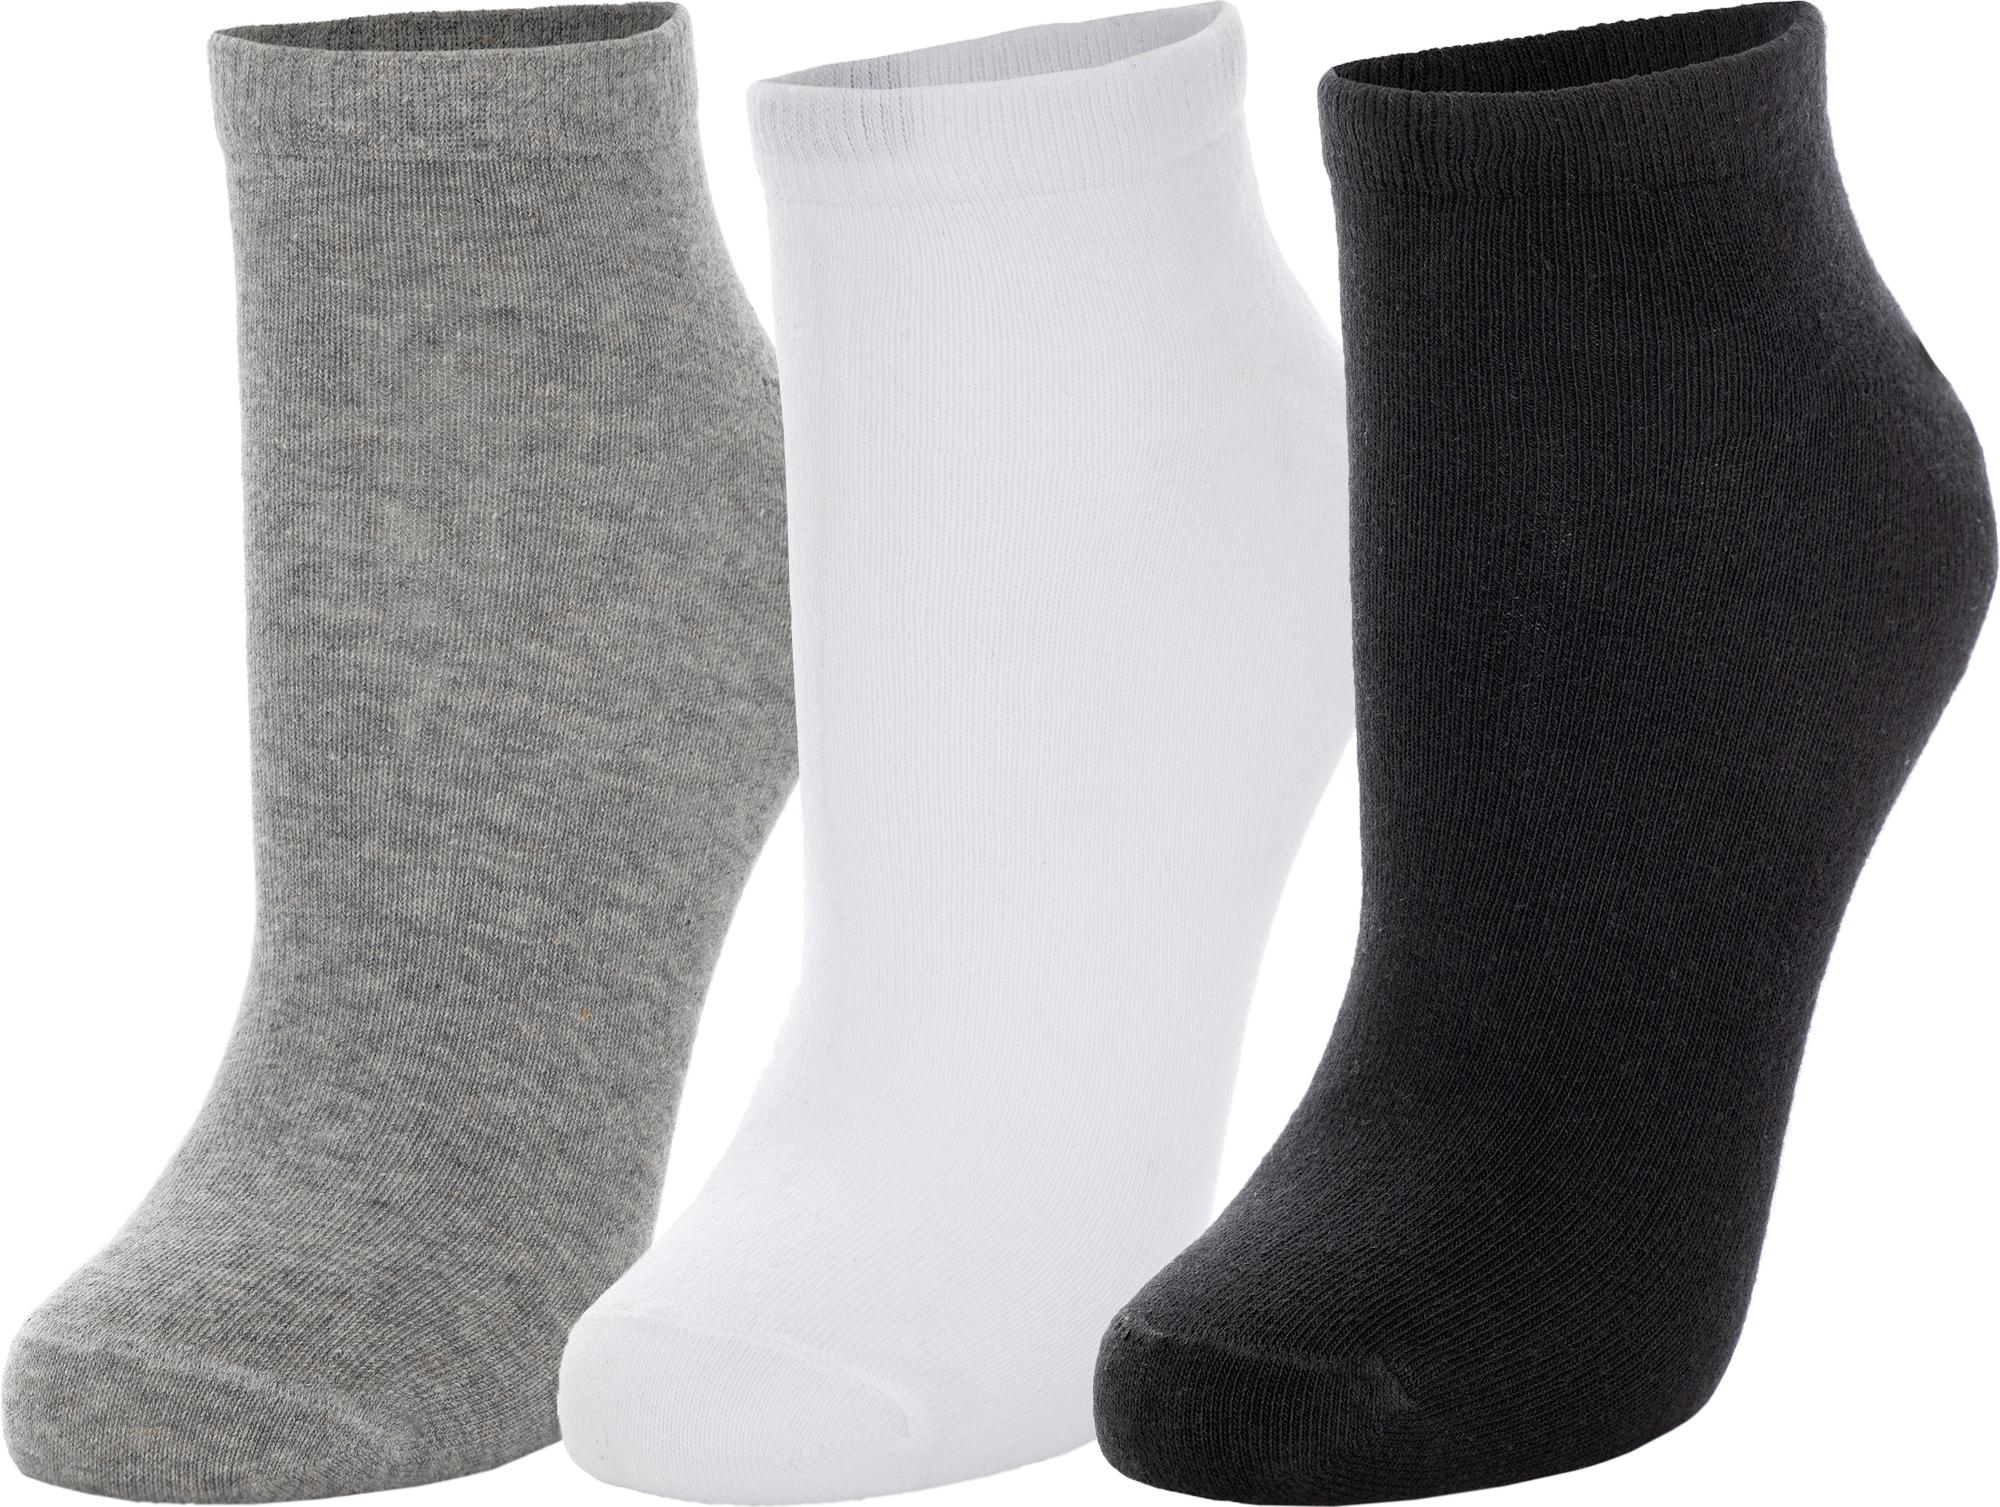 белье acoola носки детские 2 пары цвет ассорти размер 16 18 32114420052 Demix Носки детские Demix, 3 пары, размер 31-33